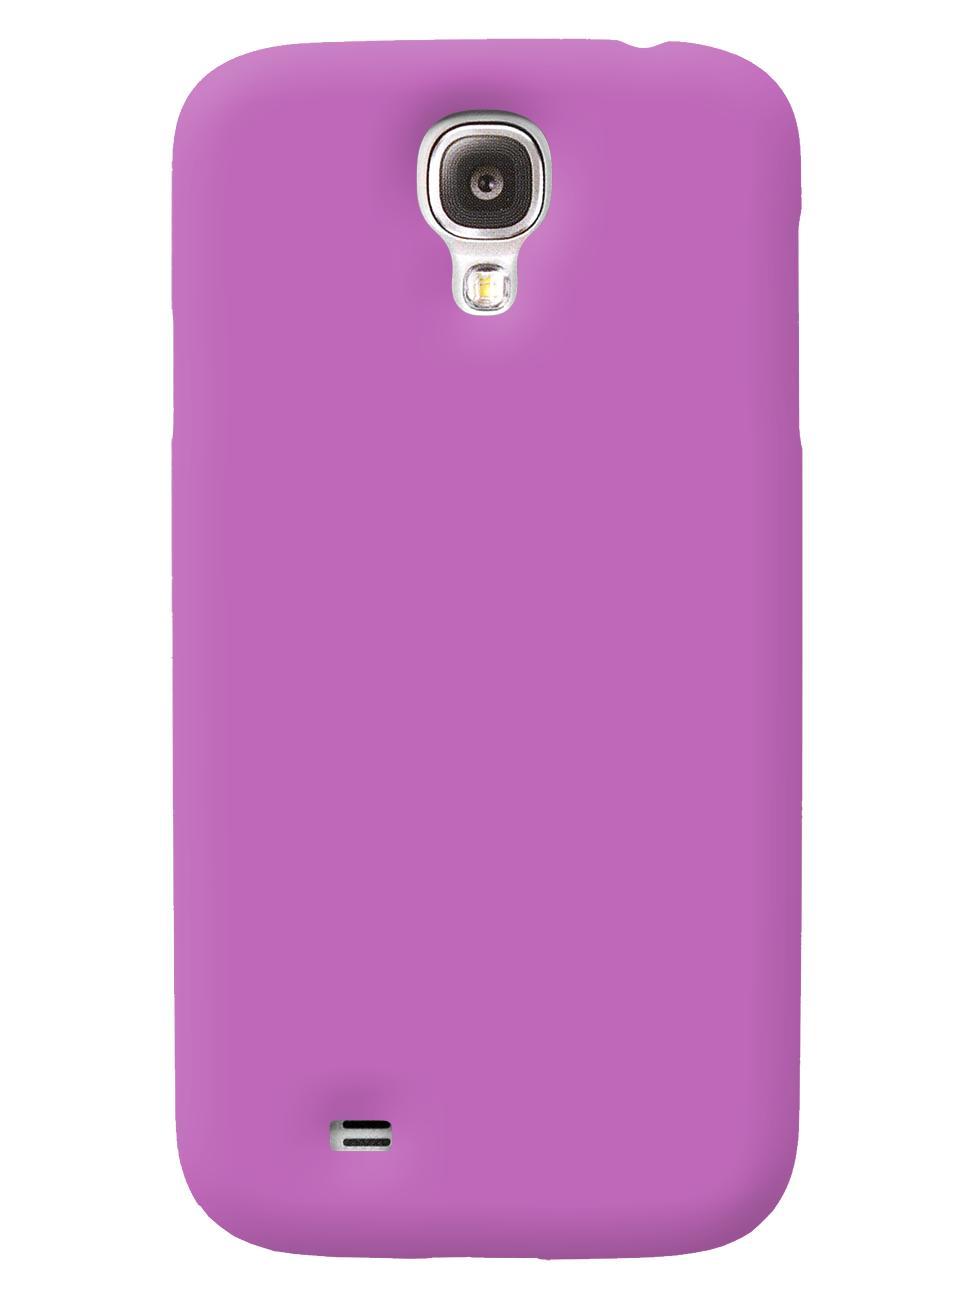 Чехол iCover для Galaxy S IV Rubber purpleТонкая, яркая, модная и очень надежная. На этом достоинства iCover Rubber точно не заканчиваются. Панель идеально повторяет формы элегантного Galaxy S IV  и не загораживает доступ к элементам управления. Корпус, толщиной всего несколько миллиметров, отлич...<br>